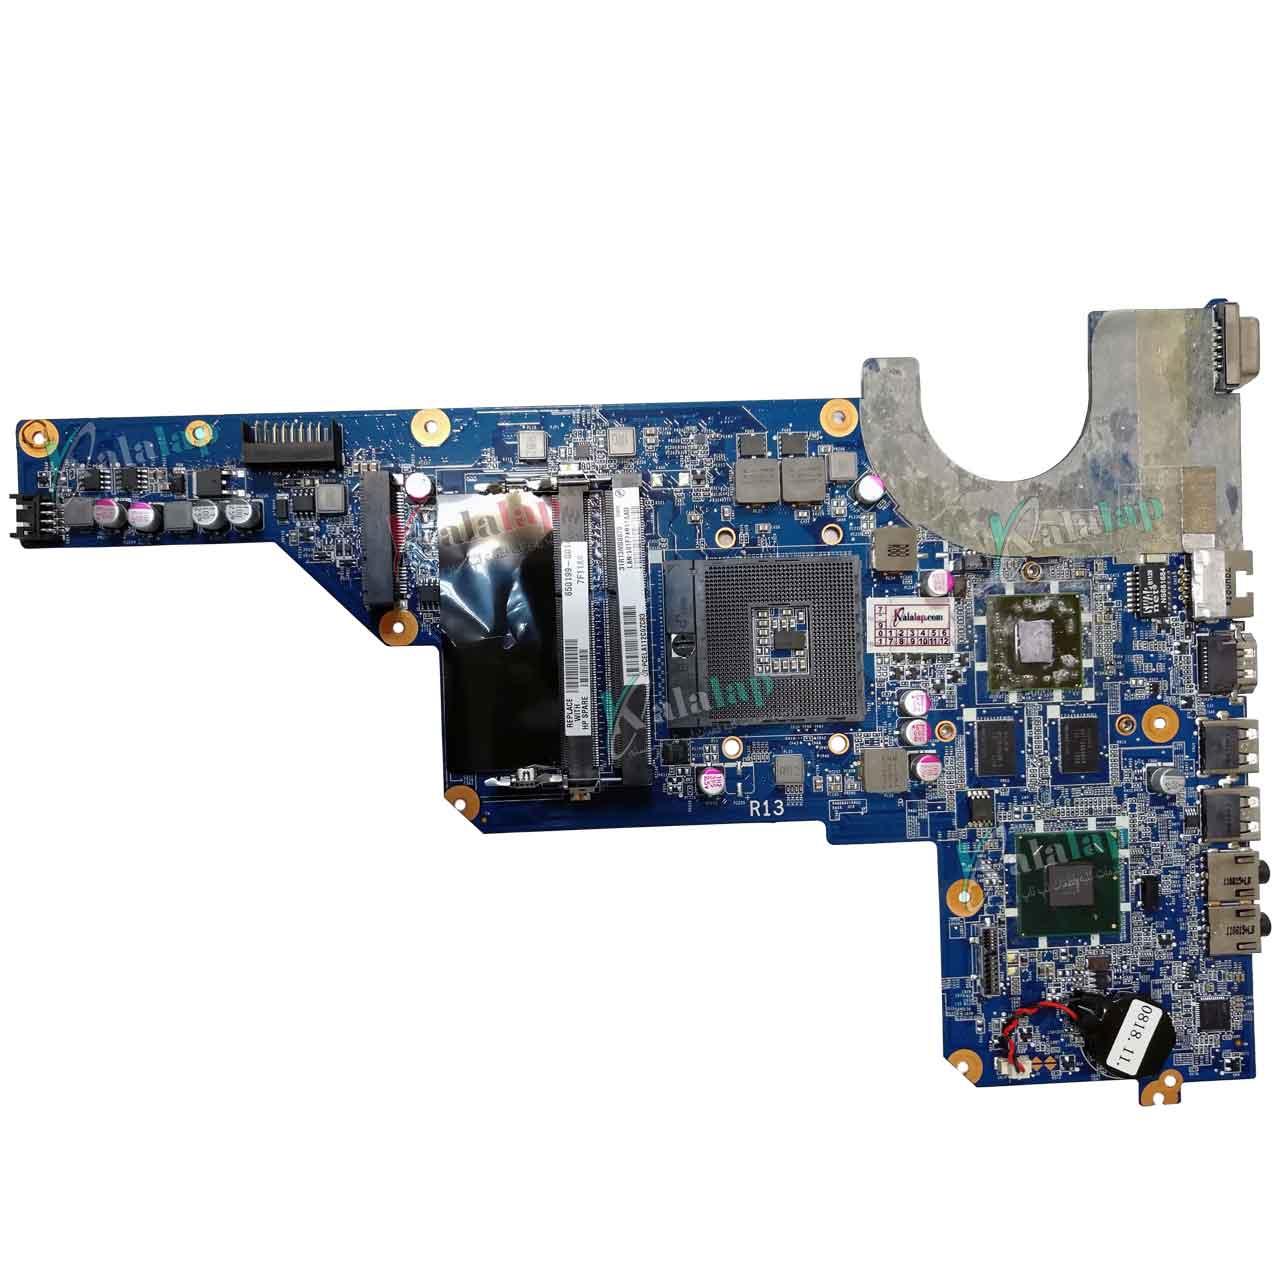 مادربرد لپ تاپ اچ پی MotherBoard HP G6-1000